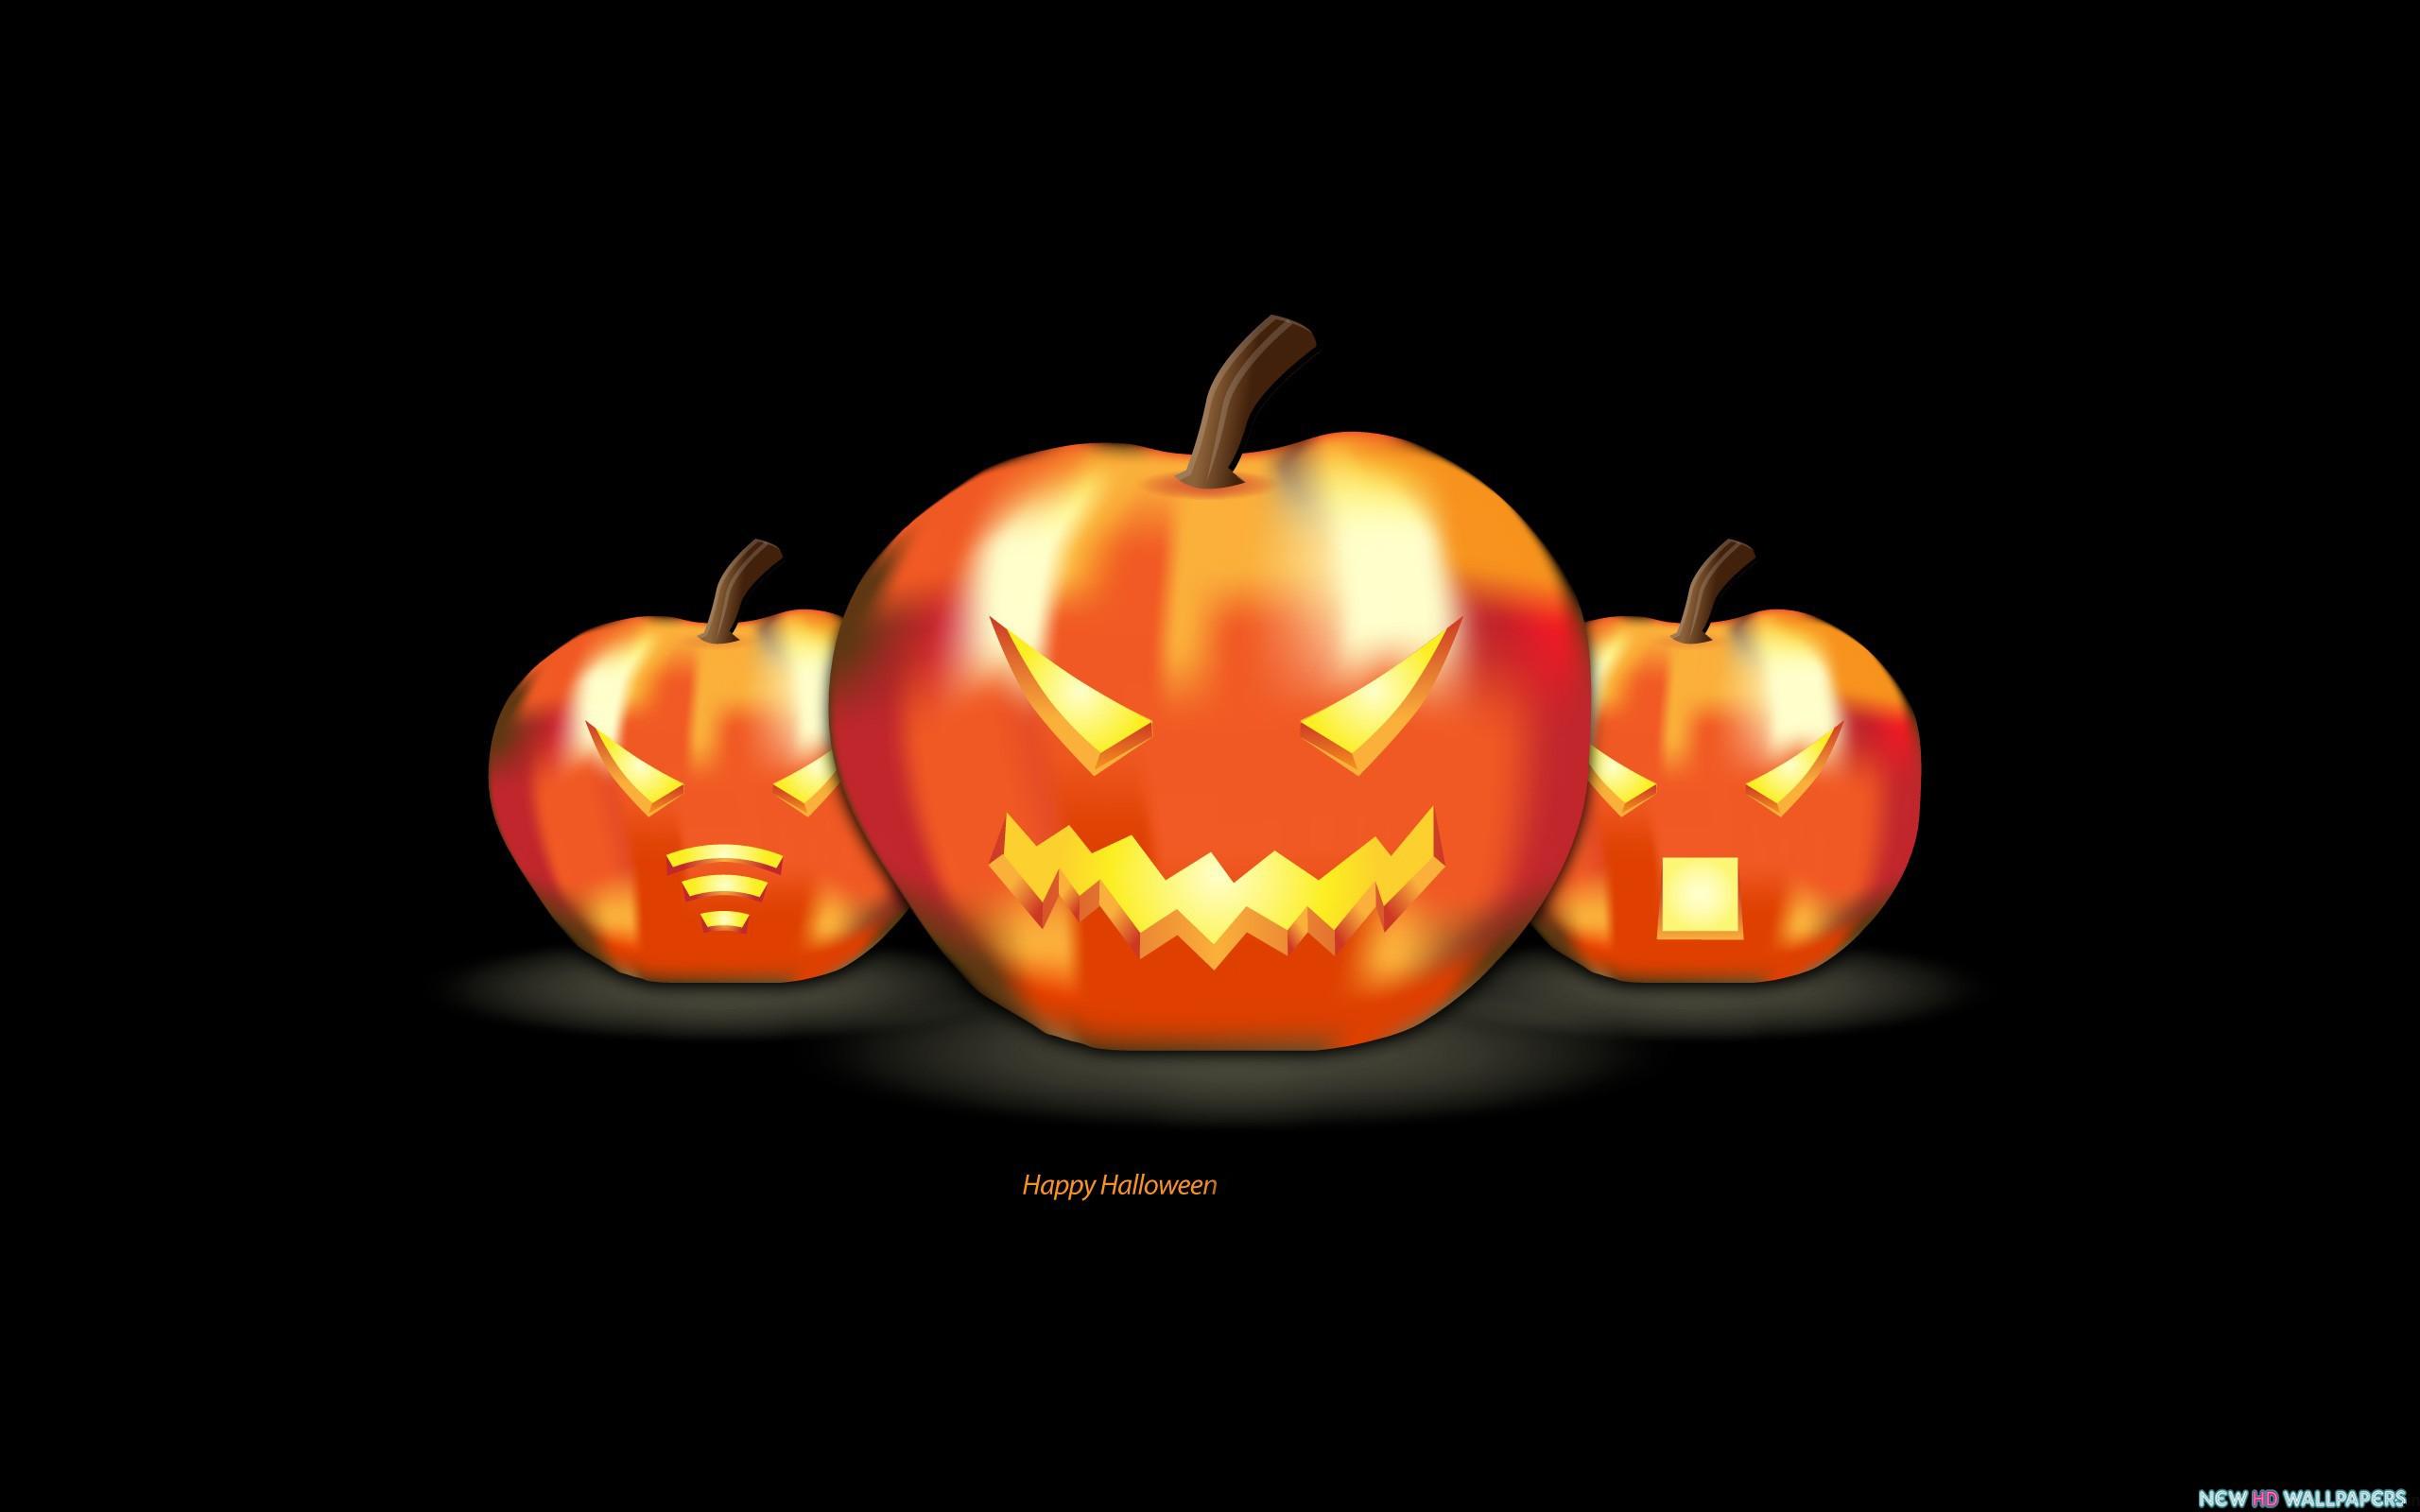 Happy-Halloween-Pumpkins-wallpaper-for-desktop